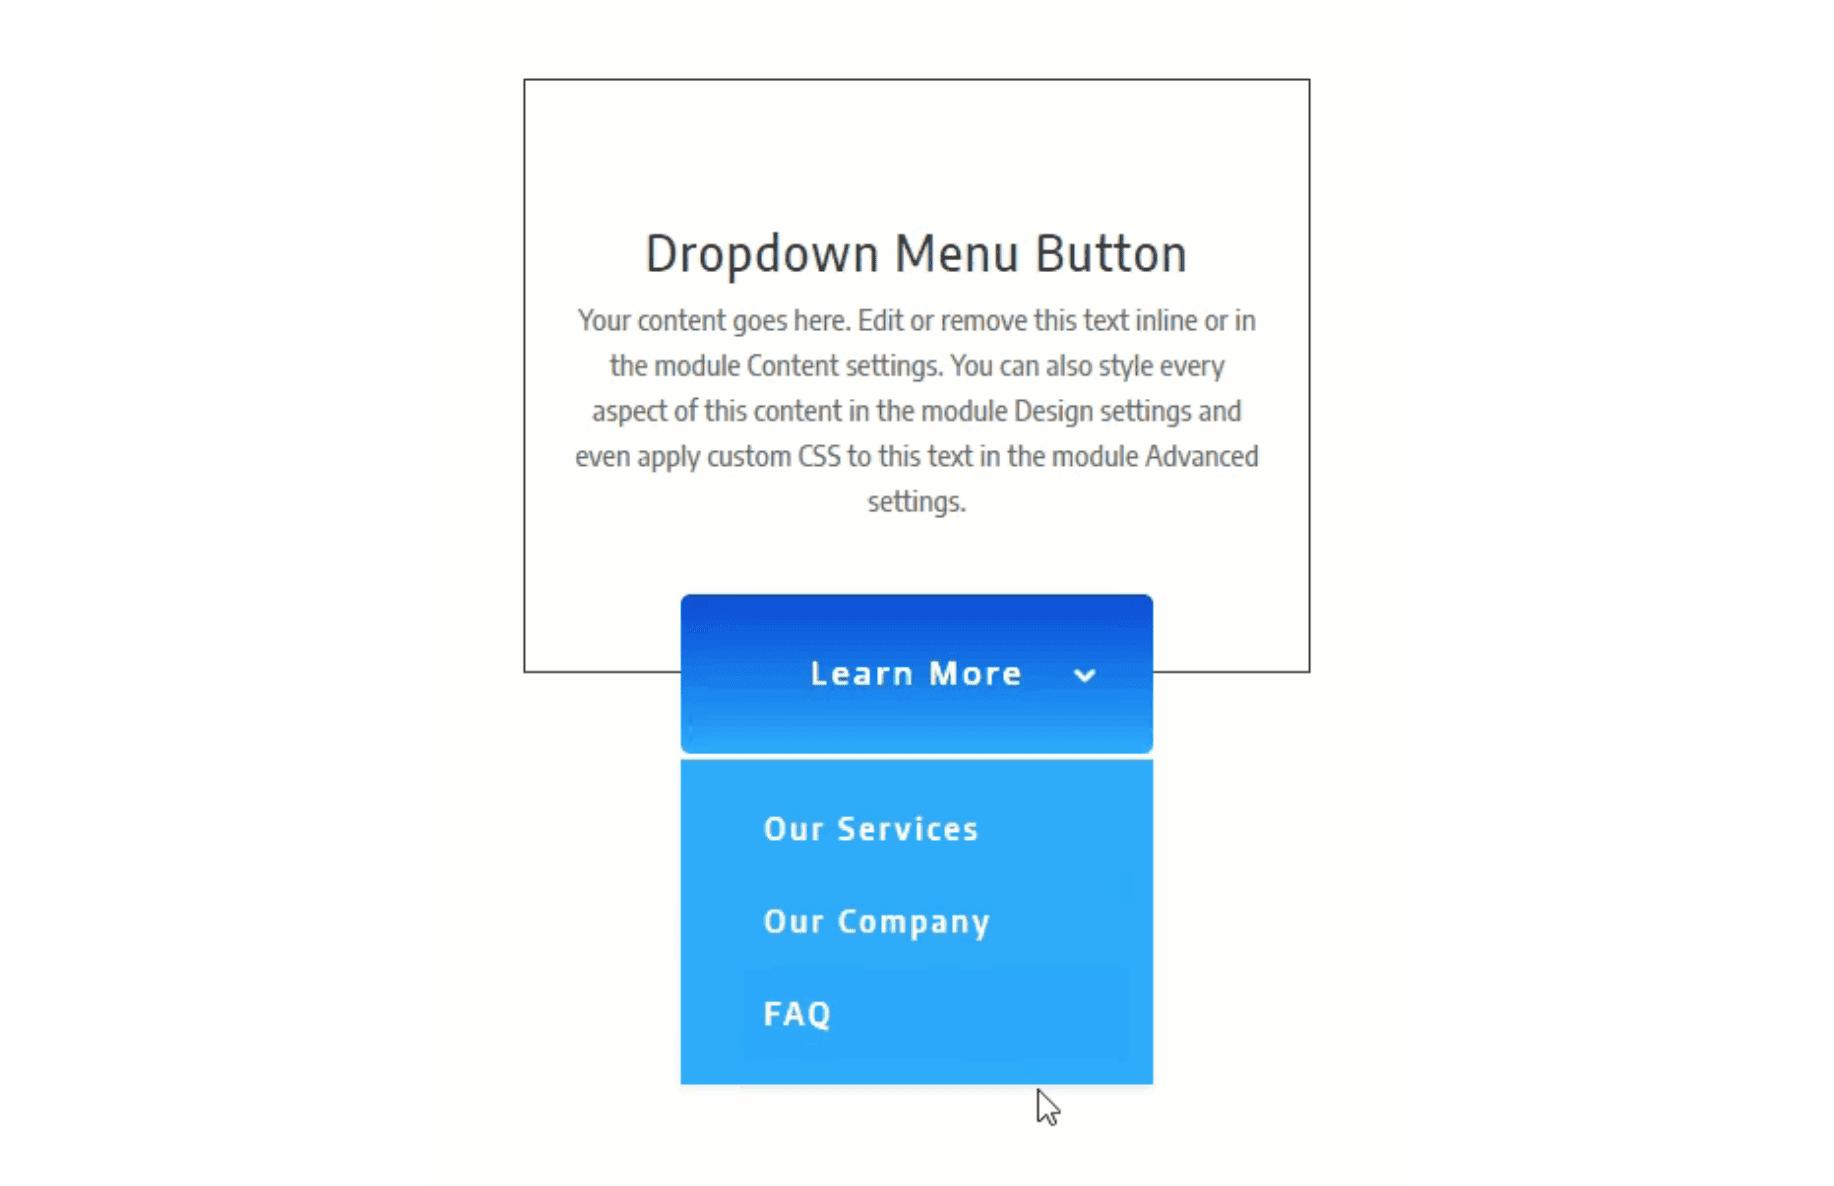 How to Create a Dropdown Menu Button Using Divi's Fullwidth Menu Module